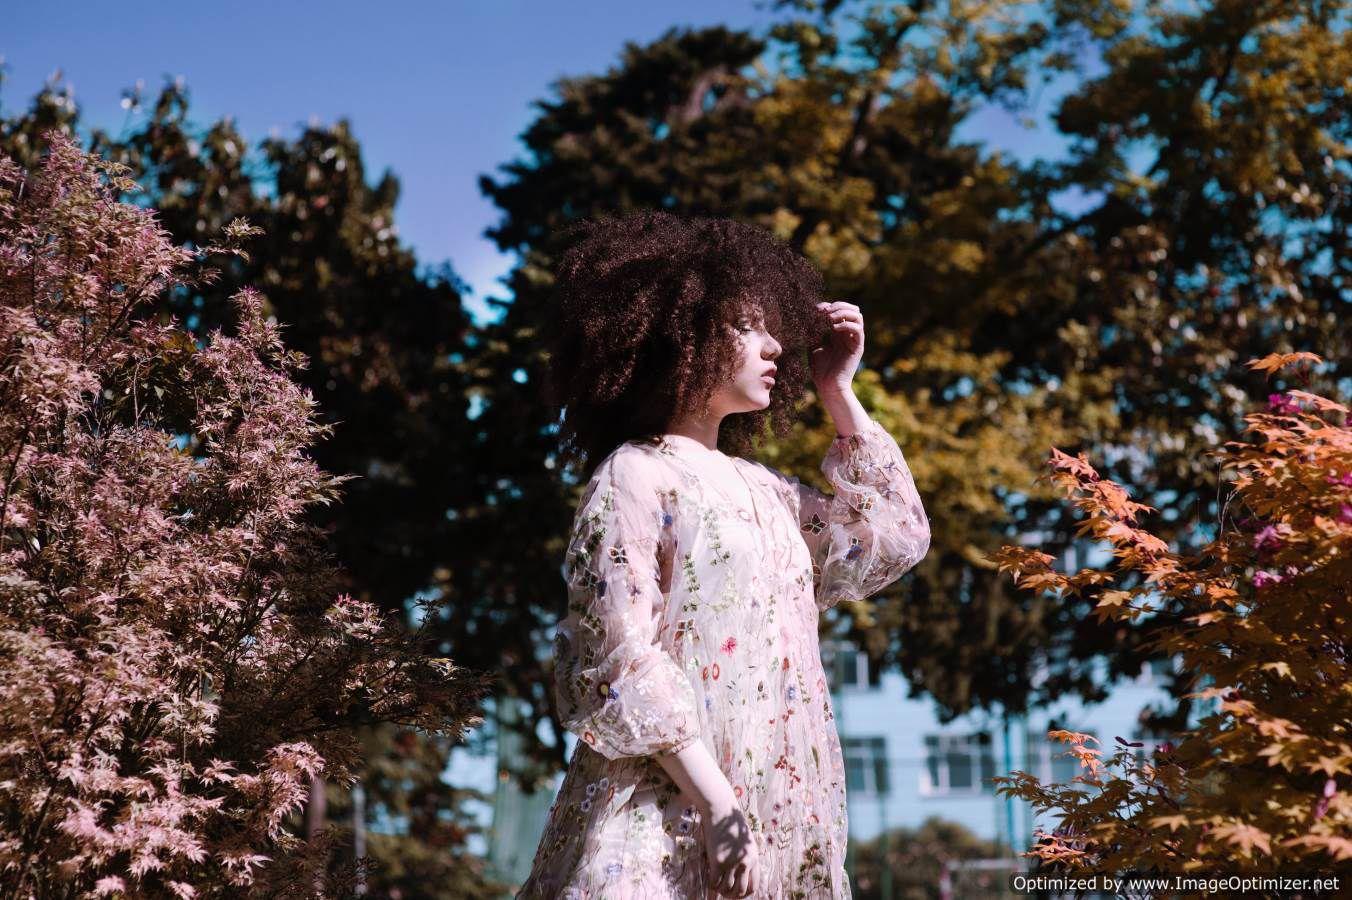 صوره بنت شعرها منكوش بيضاء جميلة